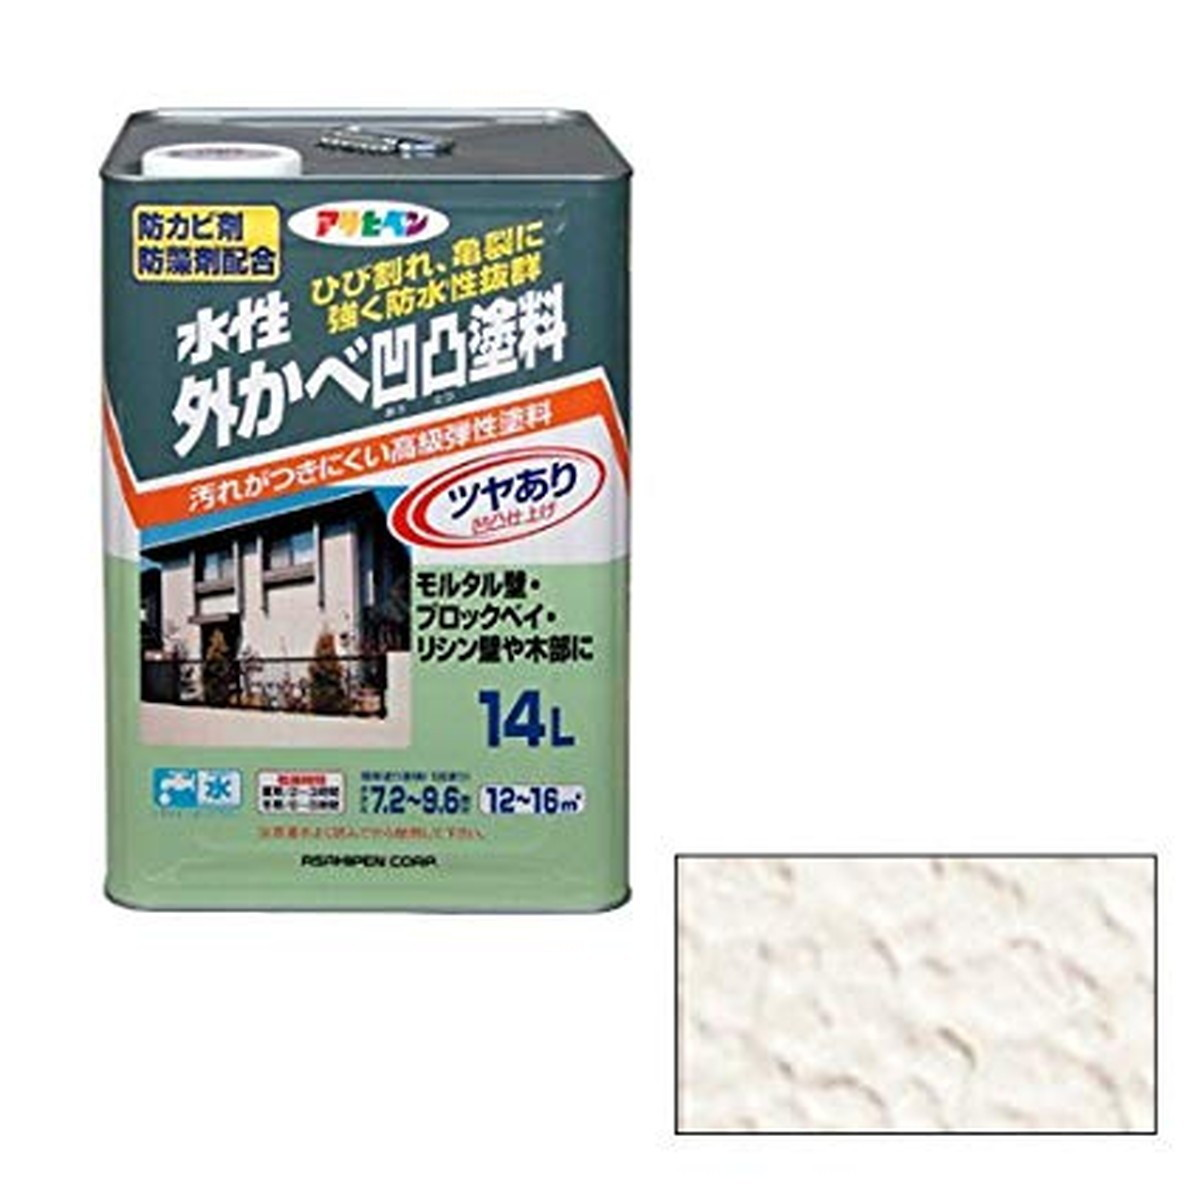 アサヒペン 水性外かべ凹凸塗料 アイボリー 14L【クーポン配布中】